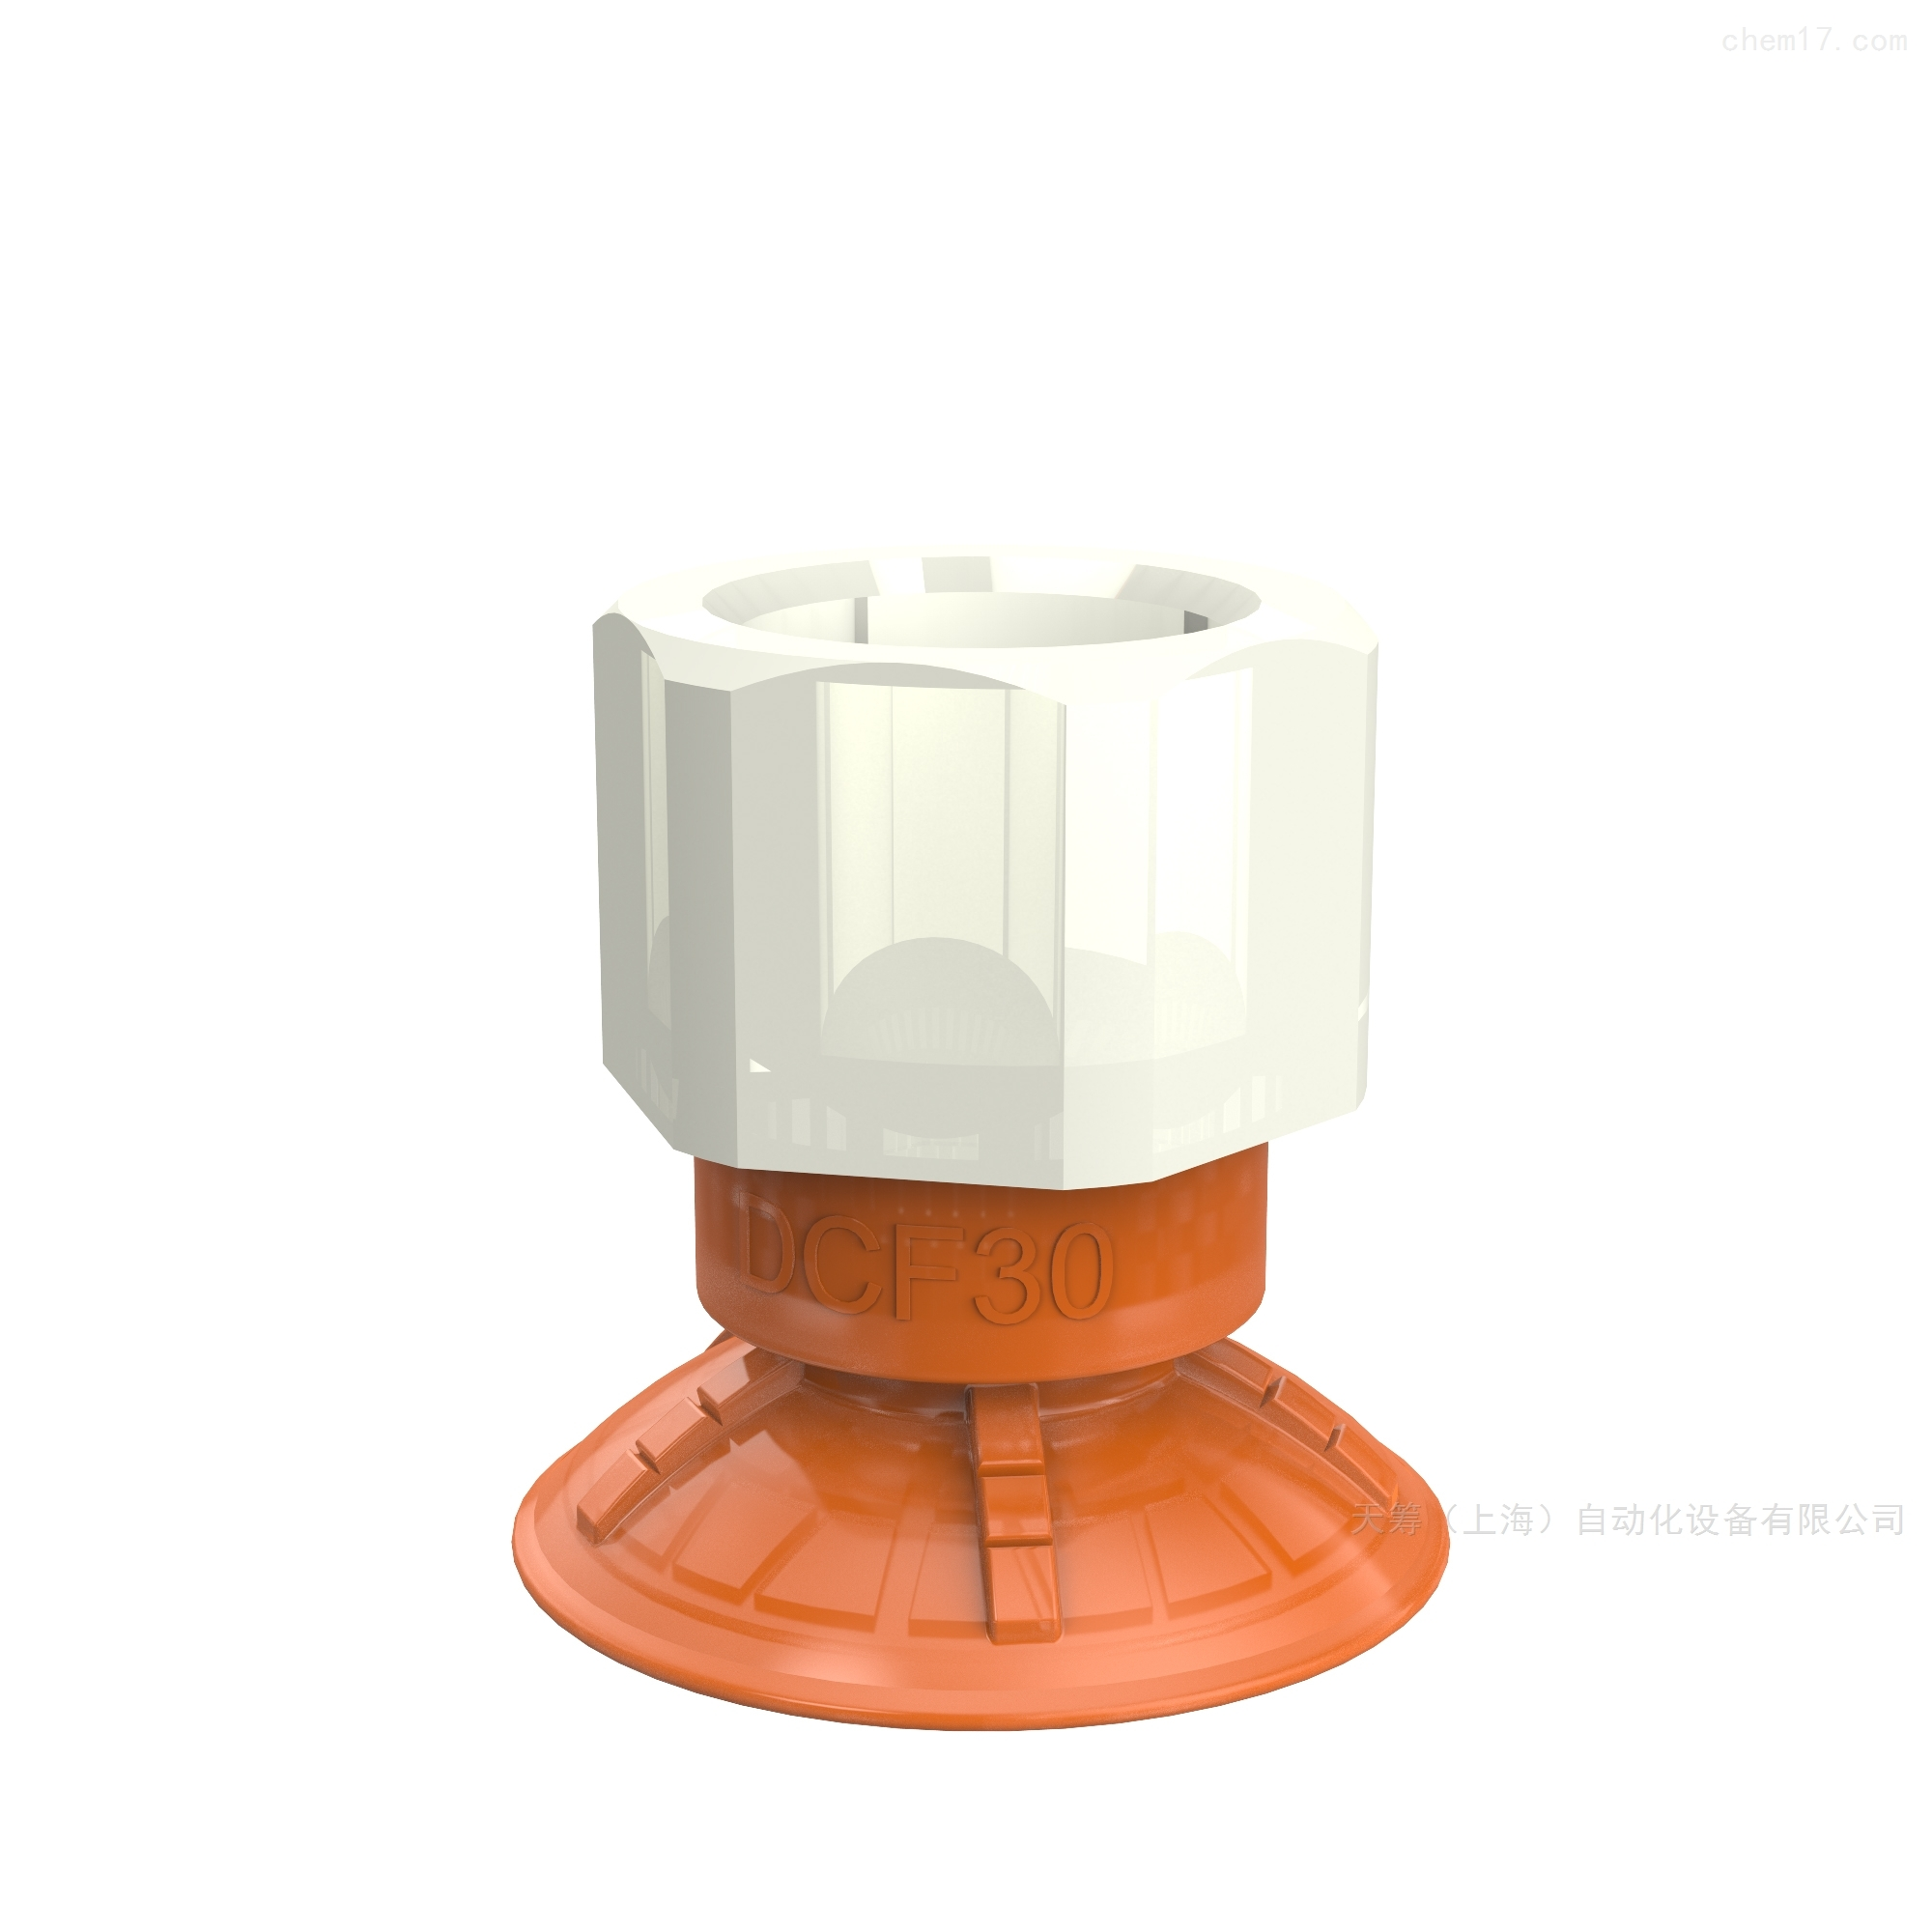 PIAB深型浅凹吸盘DCF30P产品货号0210171